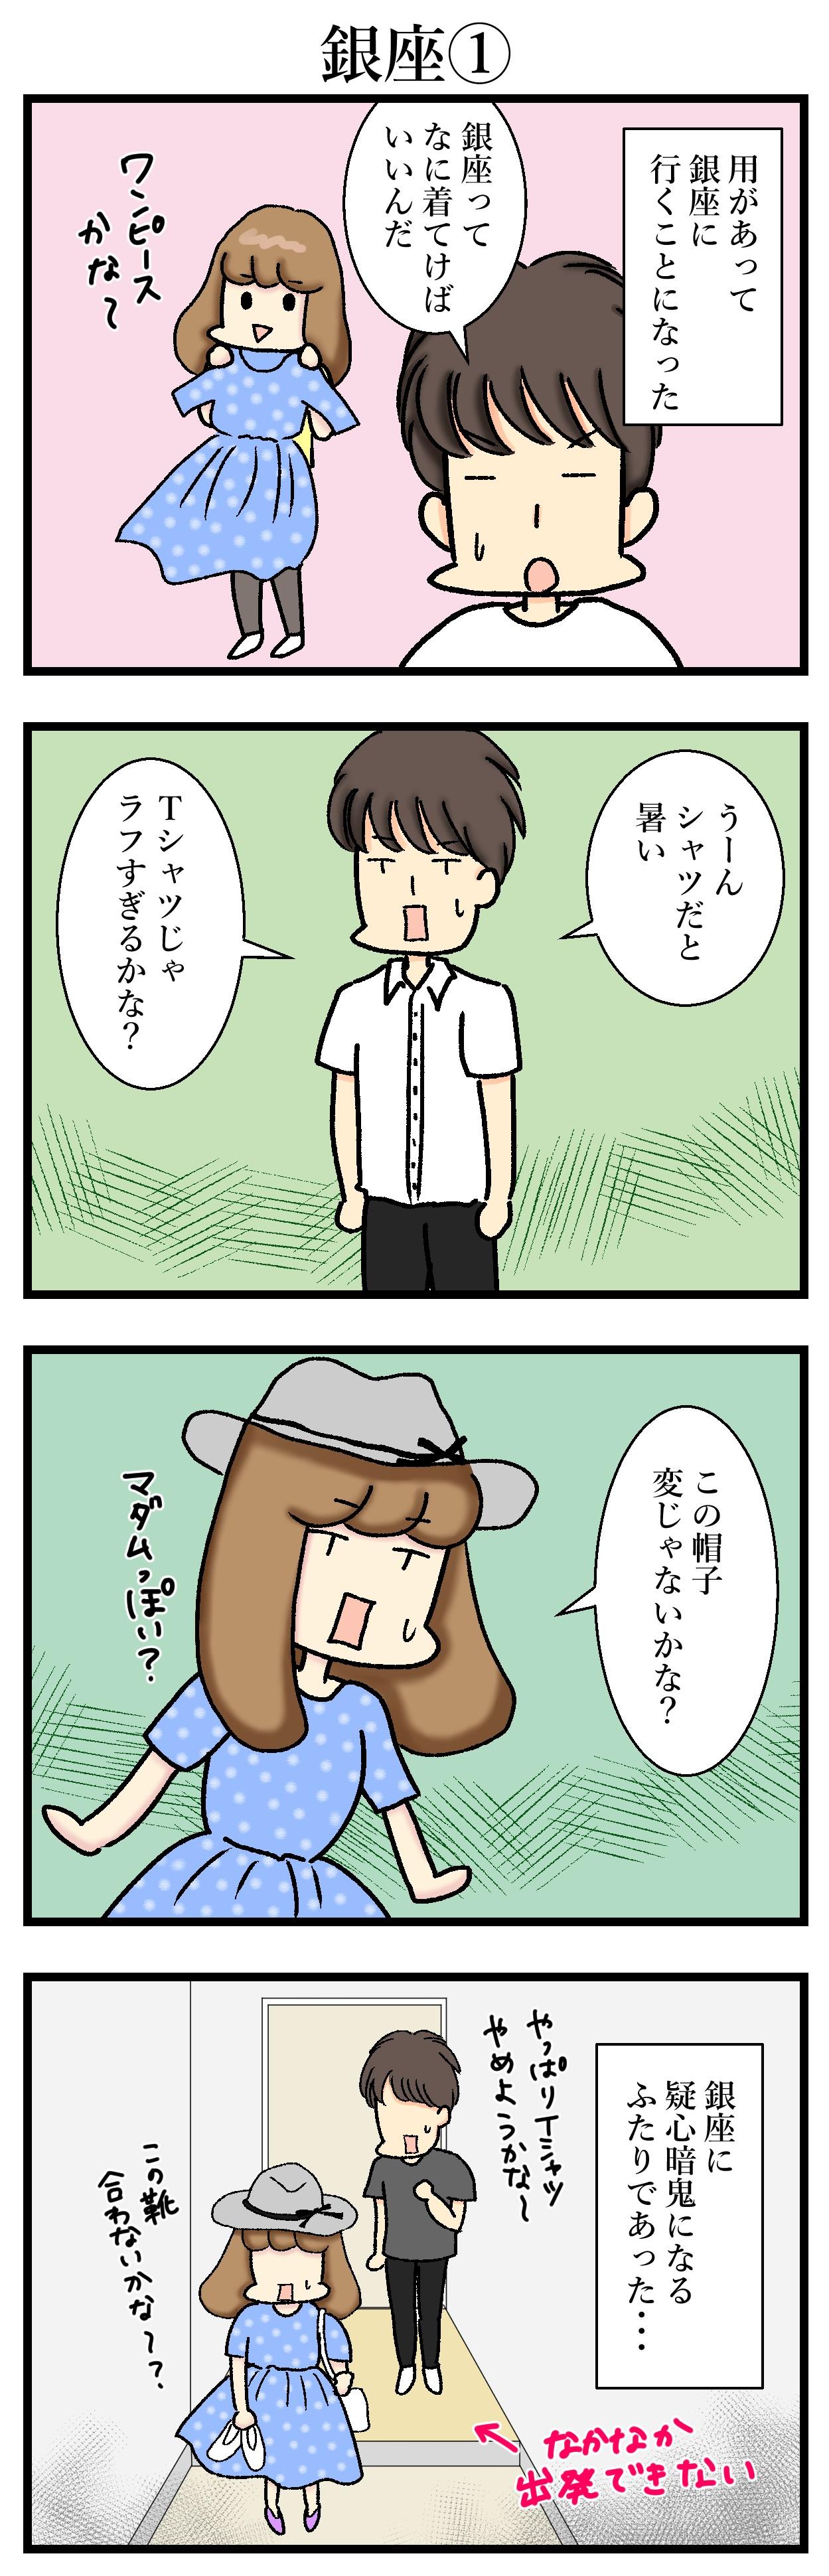 【エッセイ漫画】アラサー主婦くま子のふがいない日常(42)